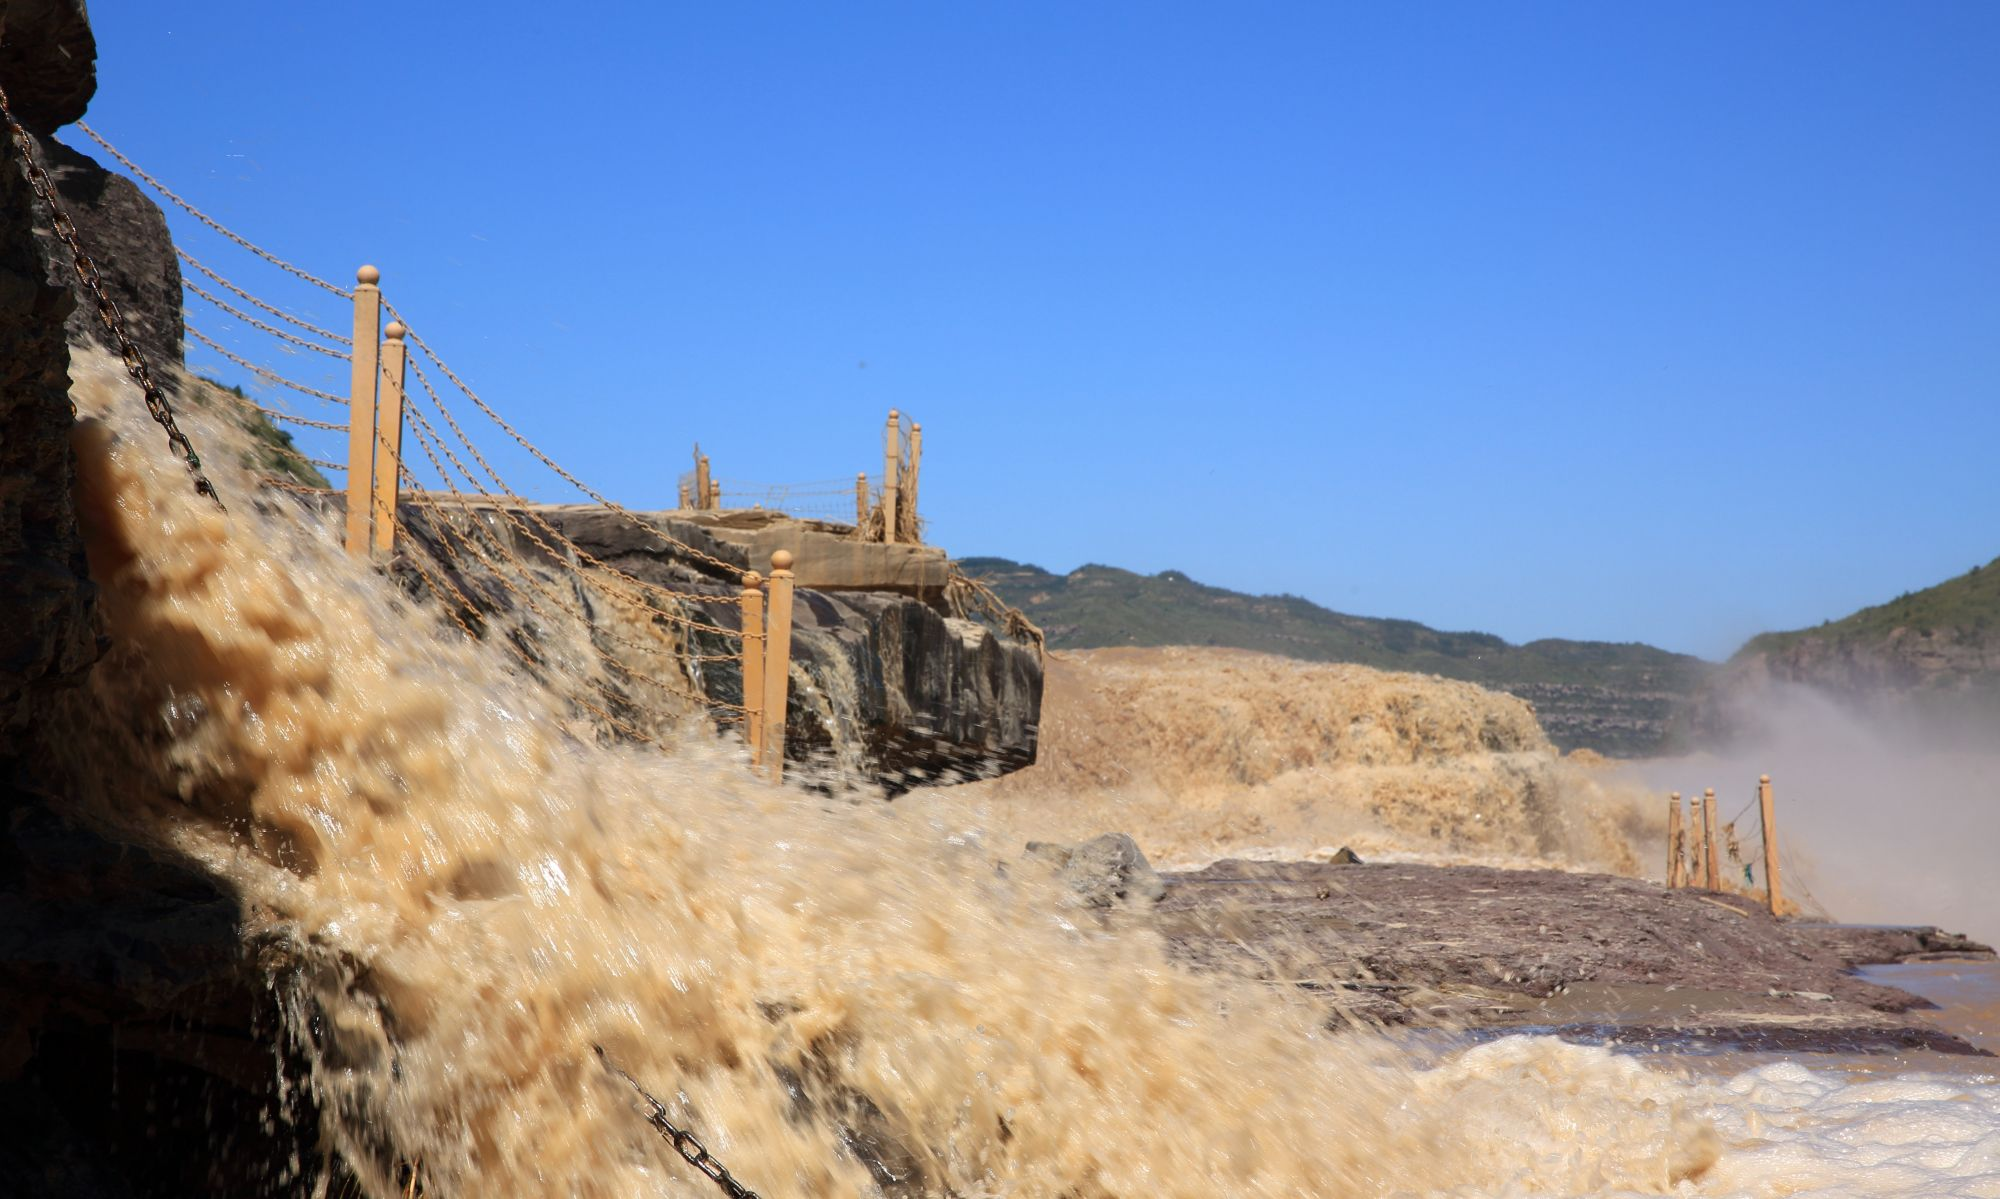 风光摄影:黄河壶口瀑布